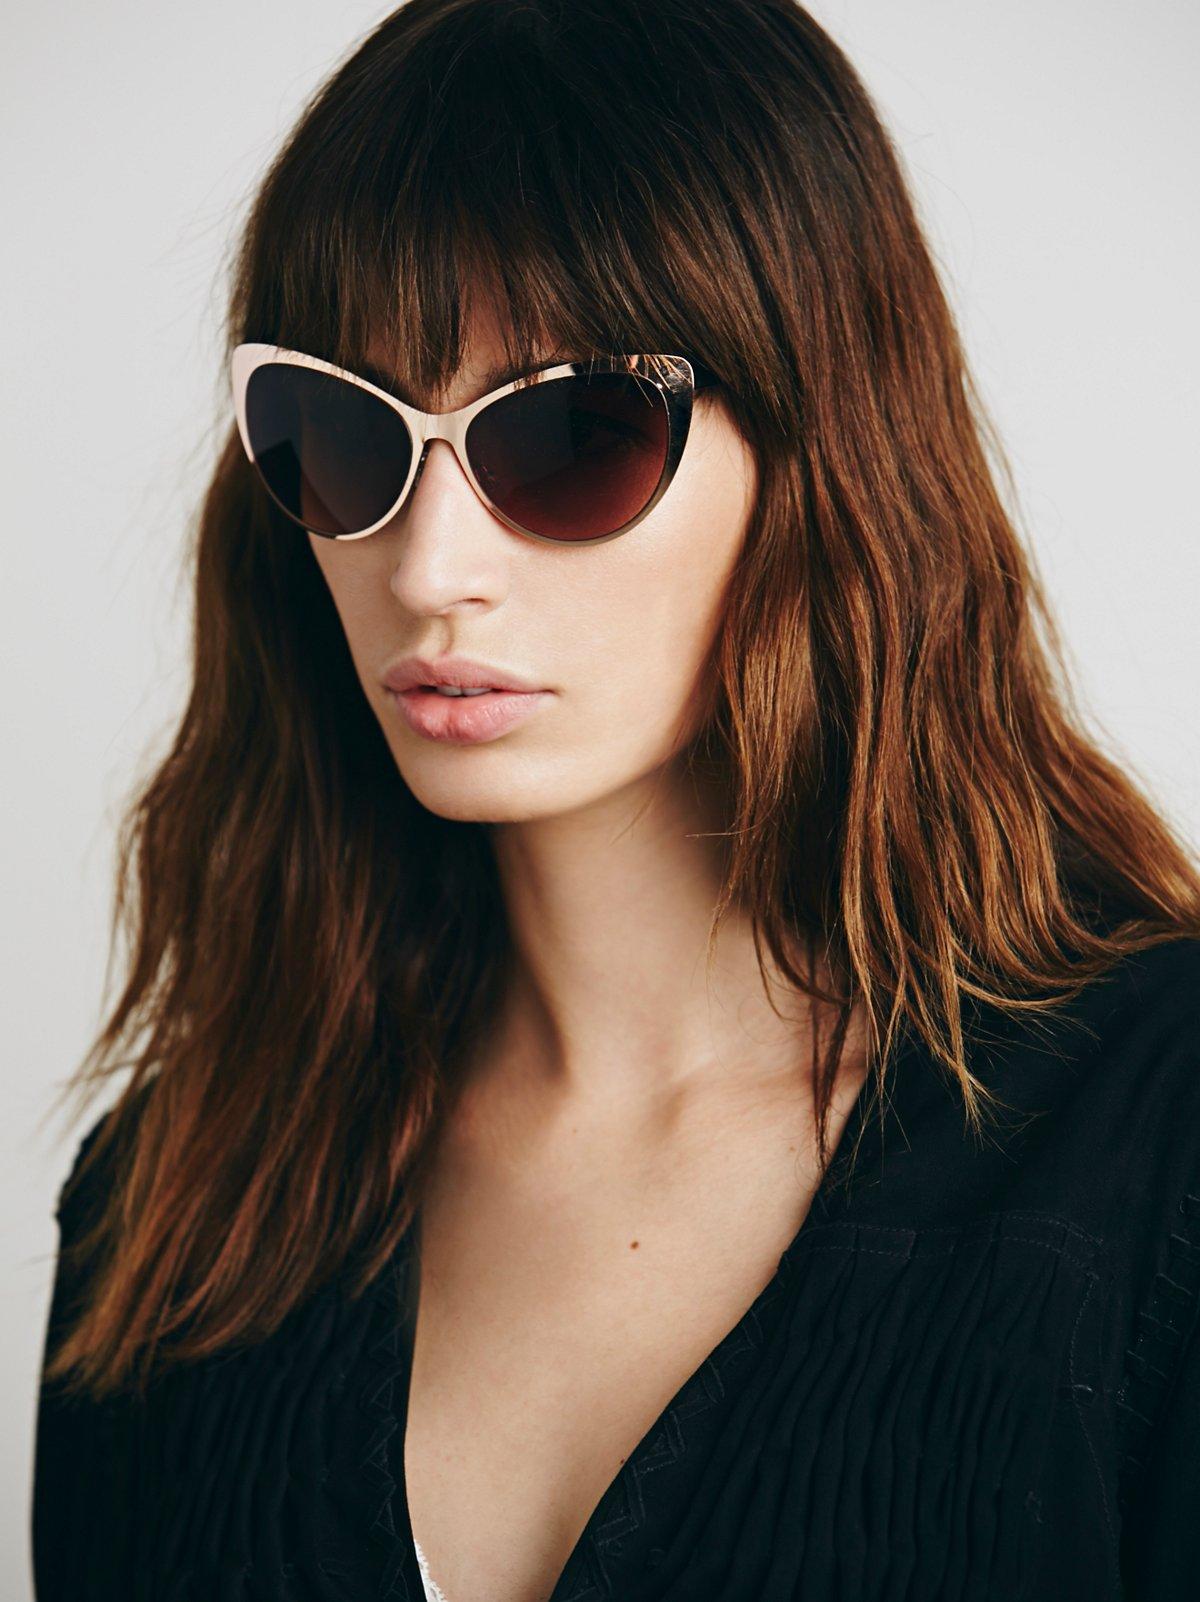 Lizzie猫眼太阳镜